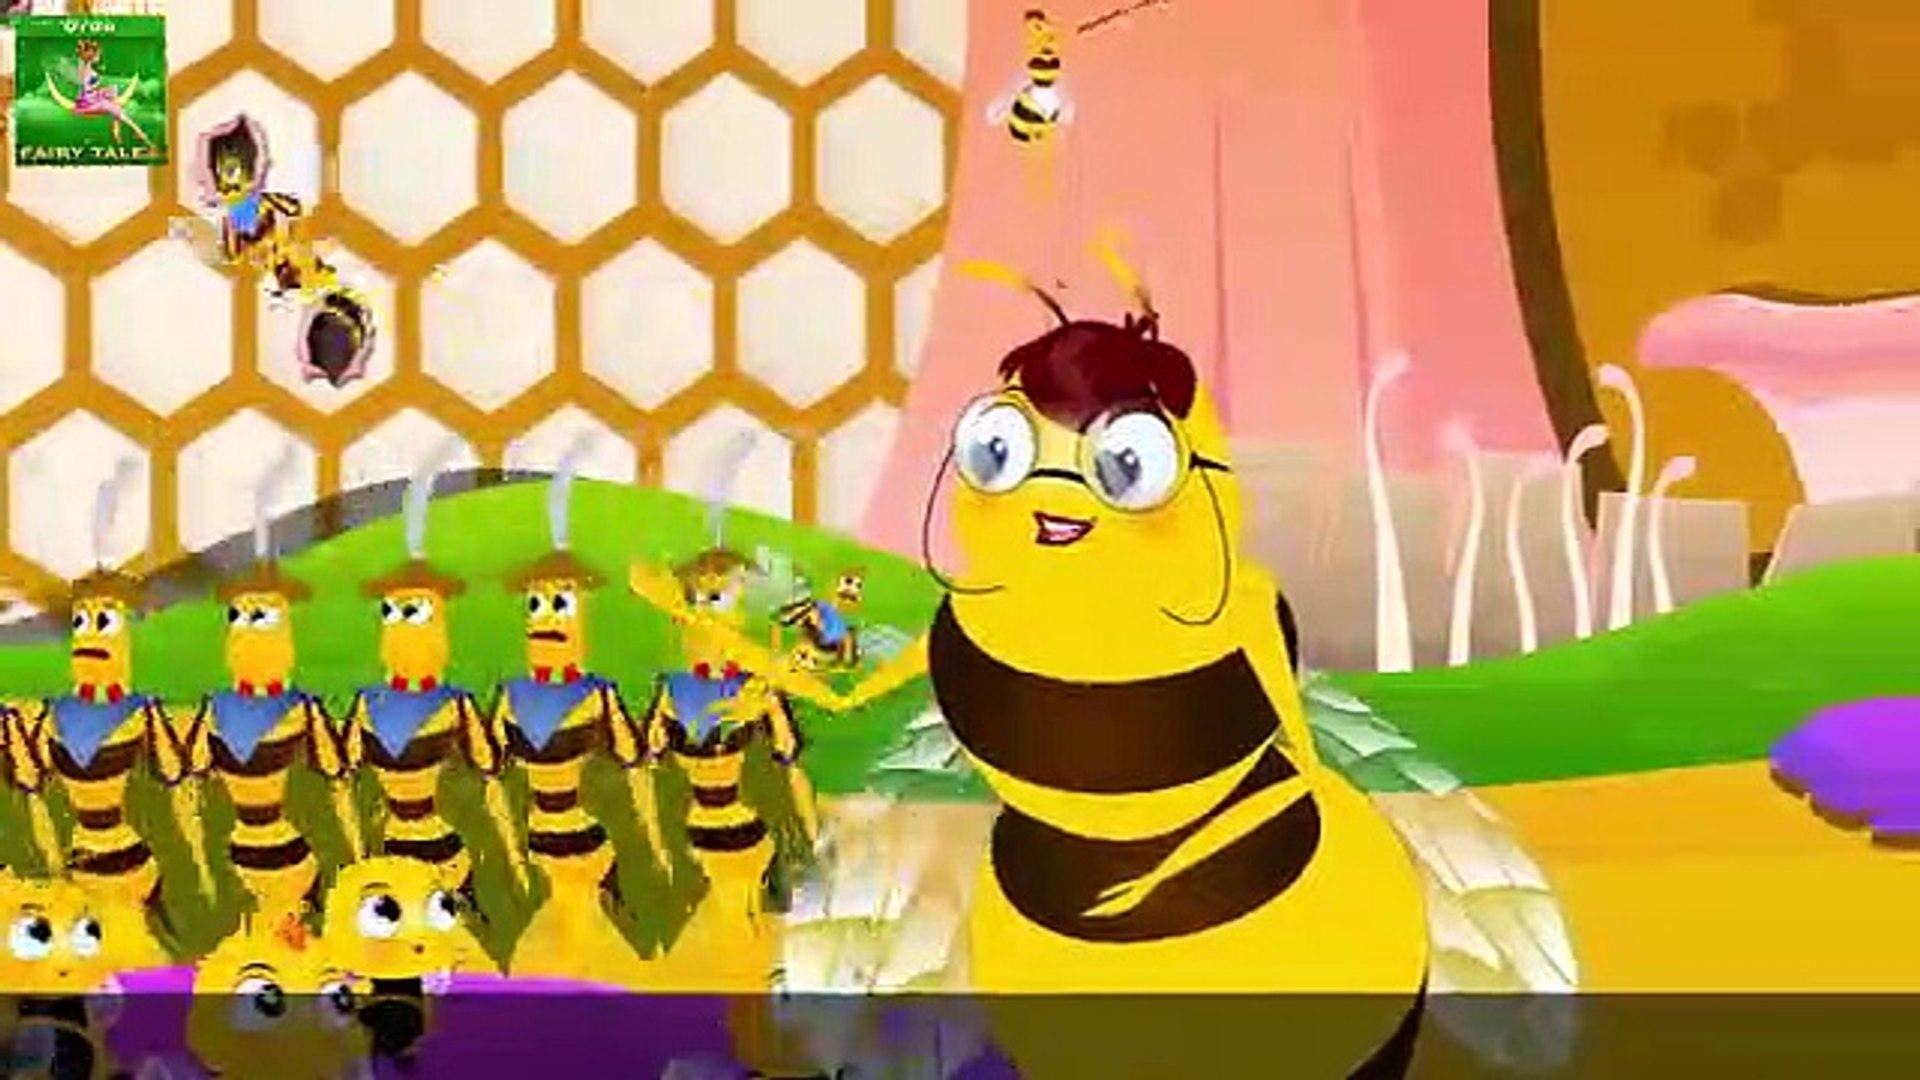 مایا مکھی - Maya the Bee in Urdu - Urdu Story - Urdu Fairy Tales